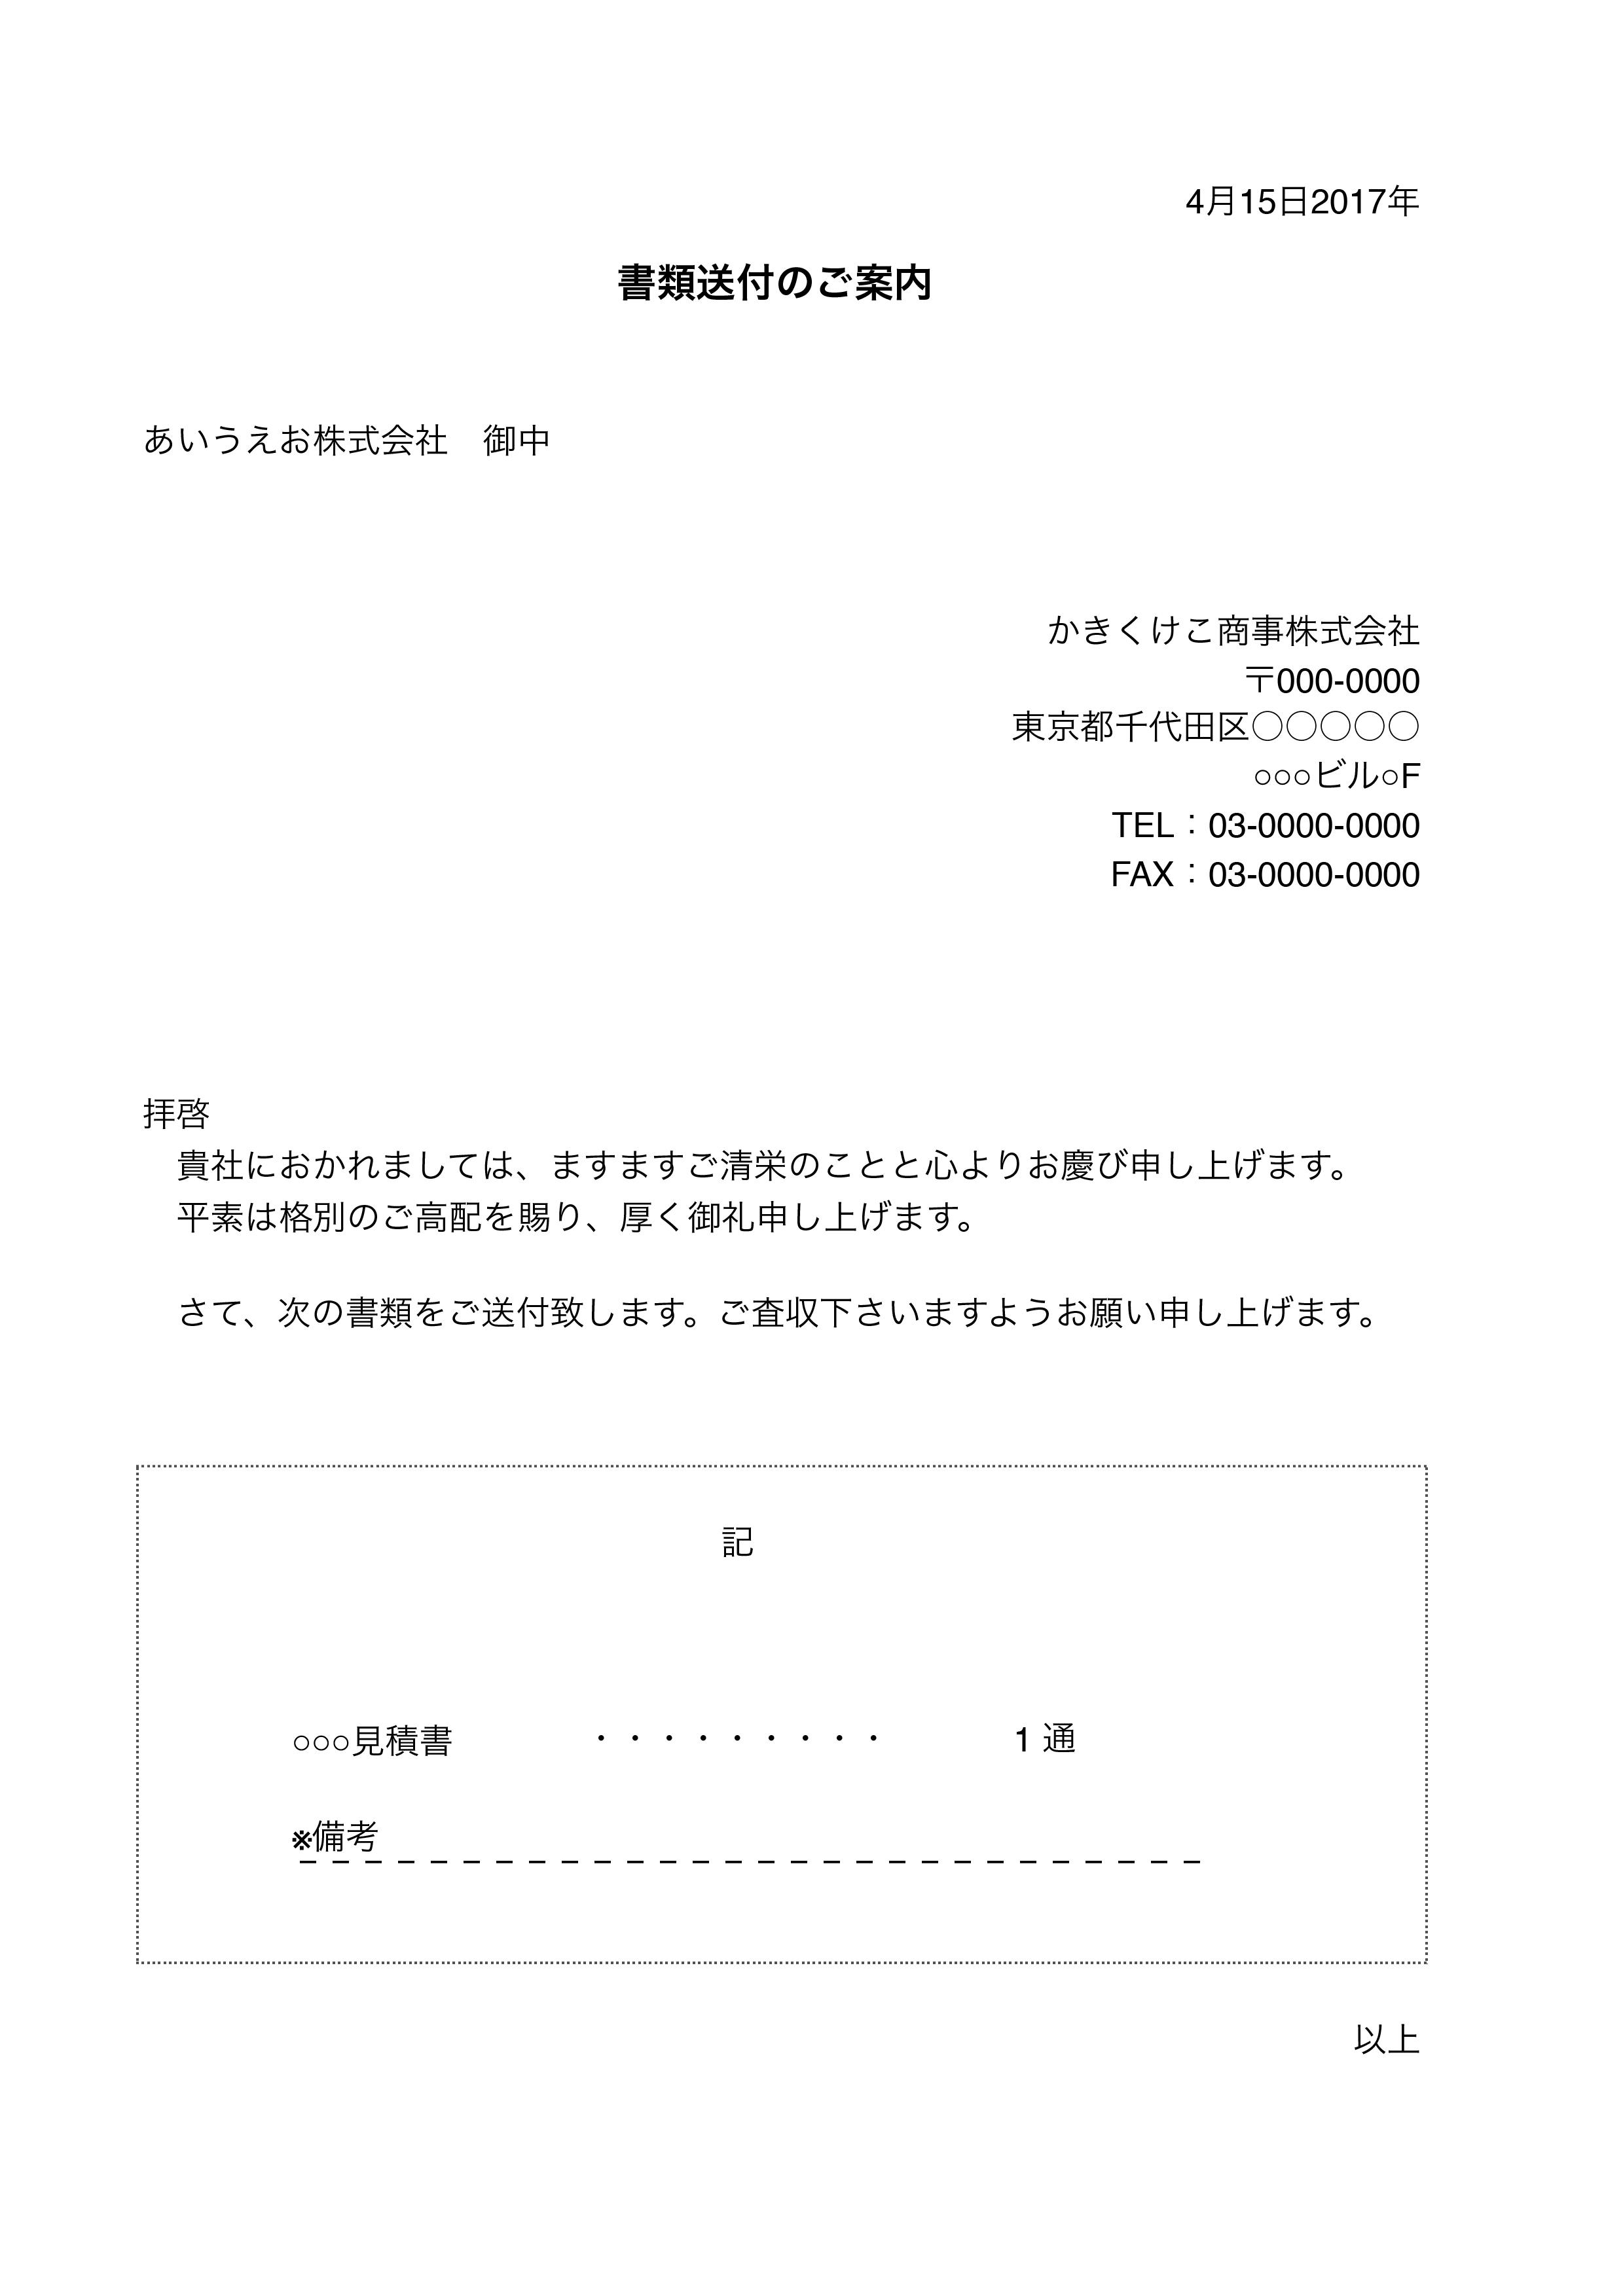 書類送付状テンプレート(エクセル、ナンバーズ)基本スタイル